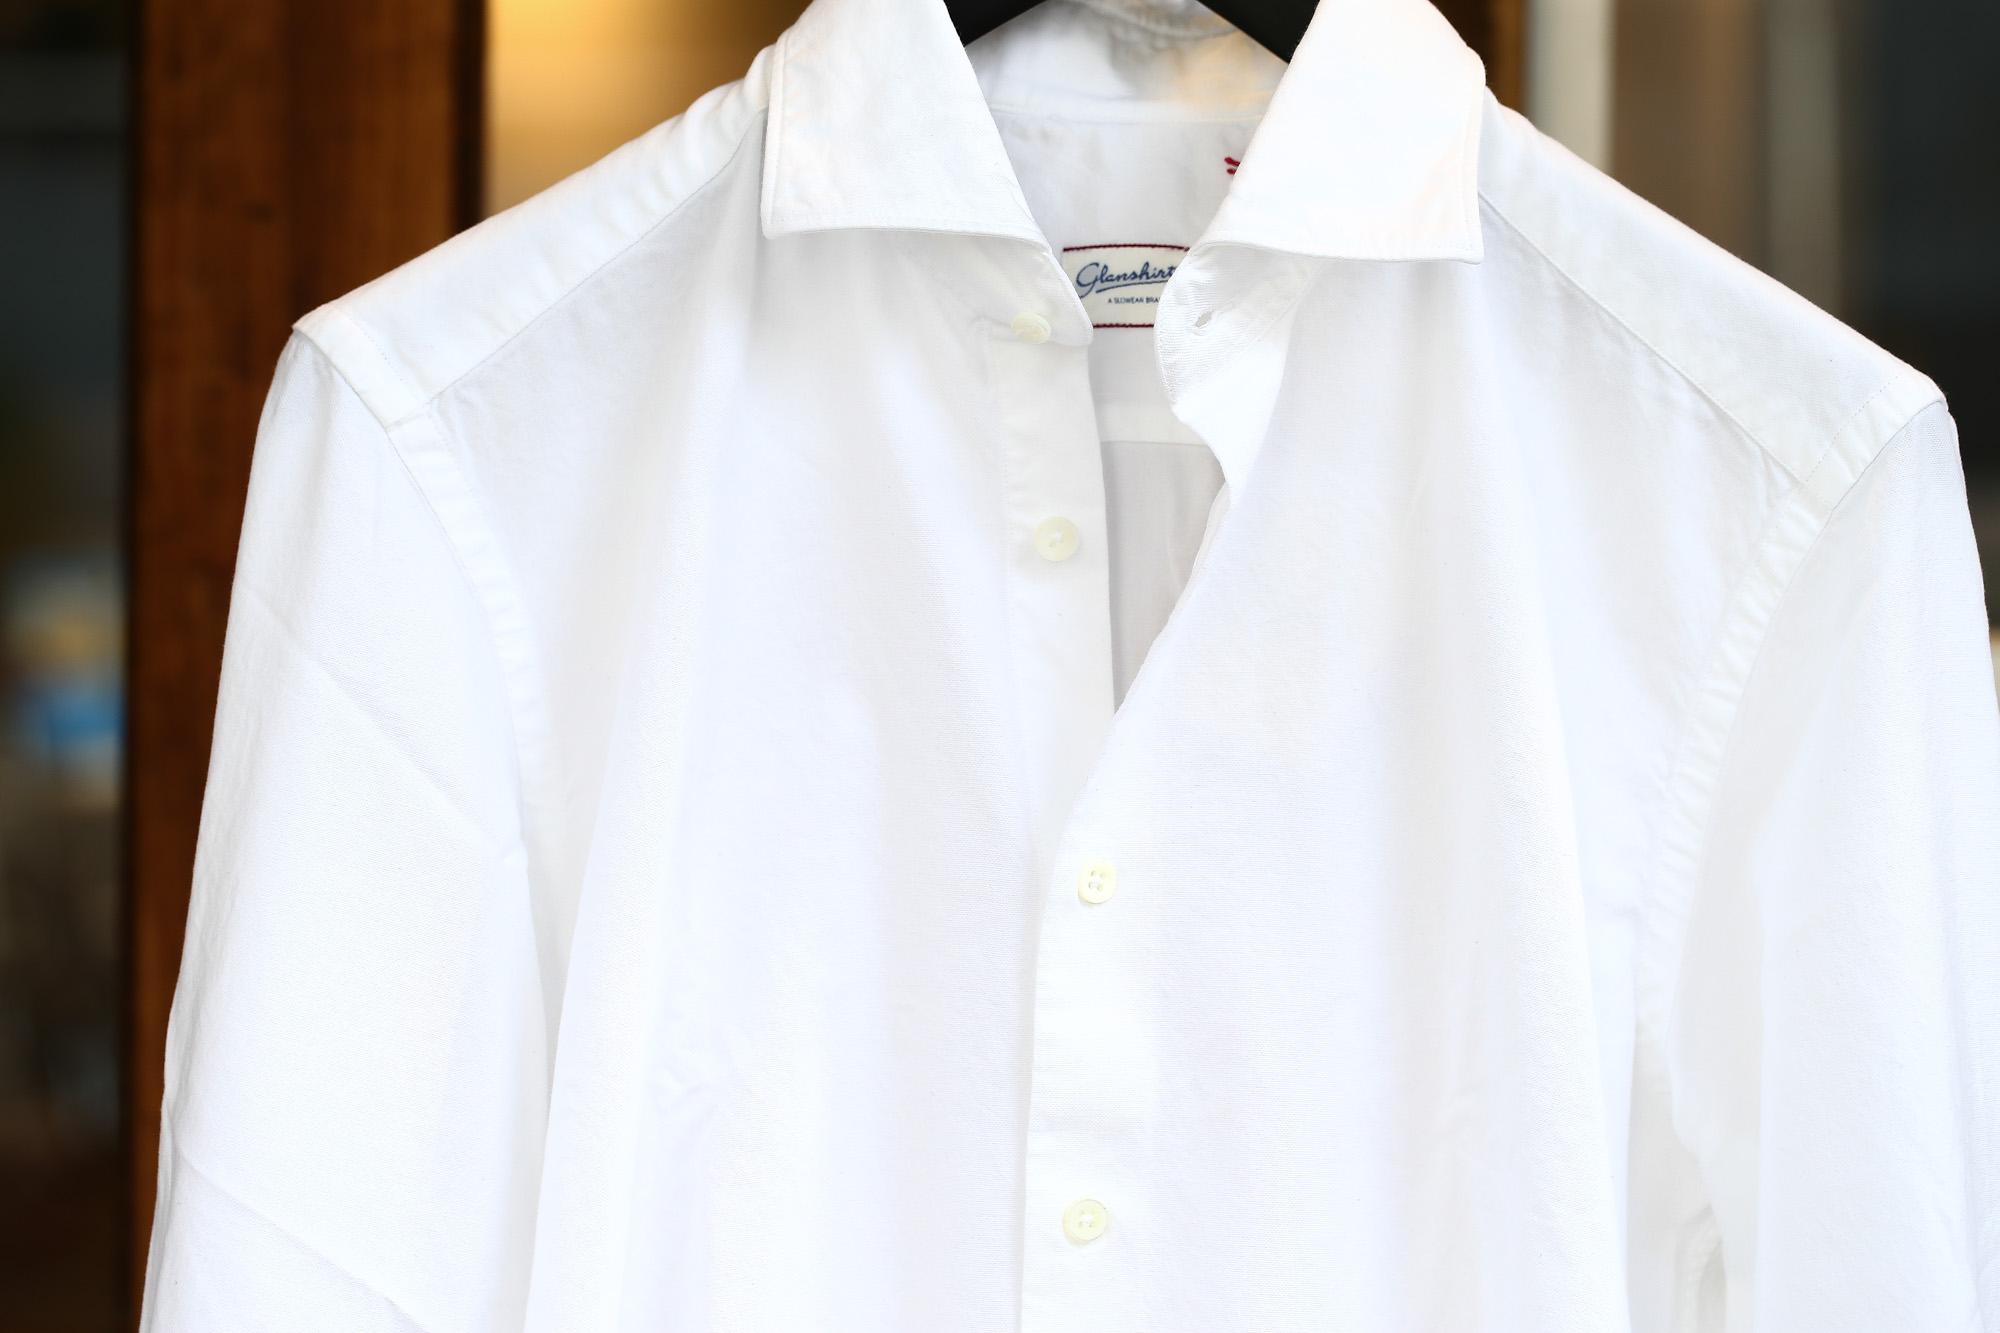 Glanshirt (グランシャツ) JWEEN G6971 OXFORD COTTON 100% カッタウェイシャツ オックスフォードシャツ WHITE (ホワイト・001) MADE IN ITALY(イタリア製) 2016 秋冬新作 愛知 名古屋ZODIAC ゾディアック シャツ 白シャツ 36,37,38,39,40,41